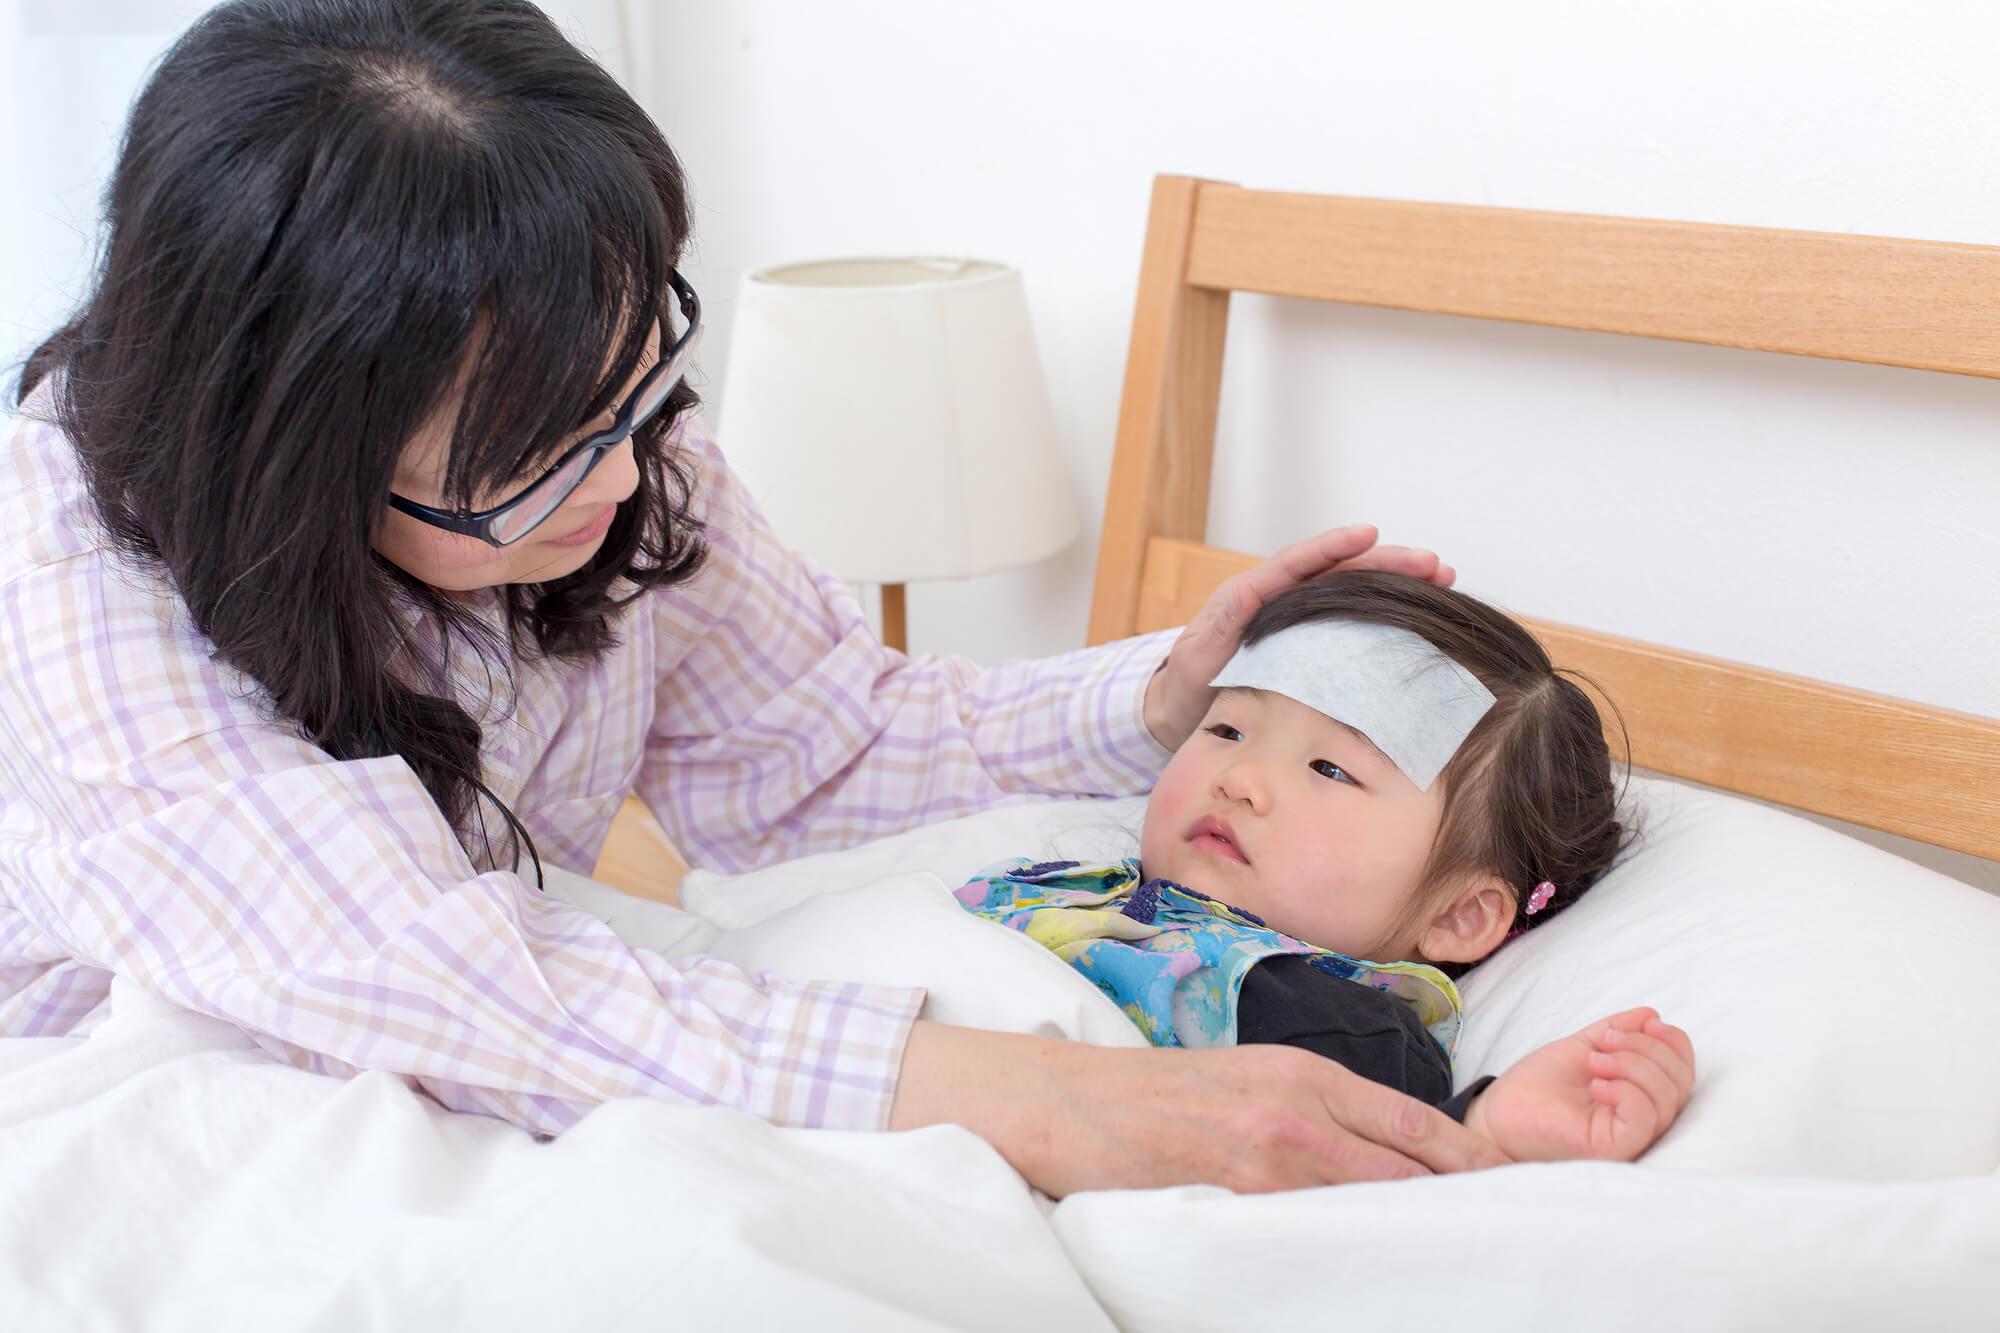 見守りが大切!子どもがインフルエンザにかかったときの家庭でのケア